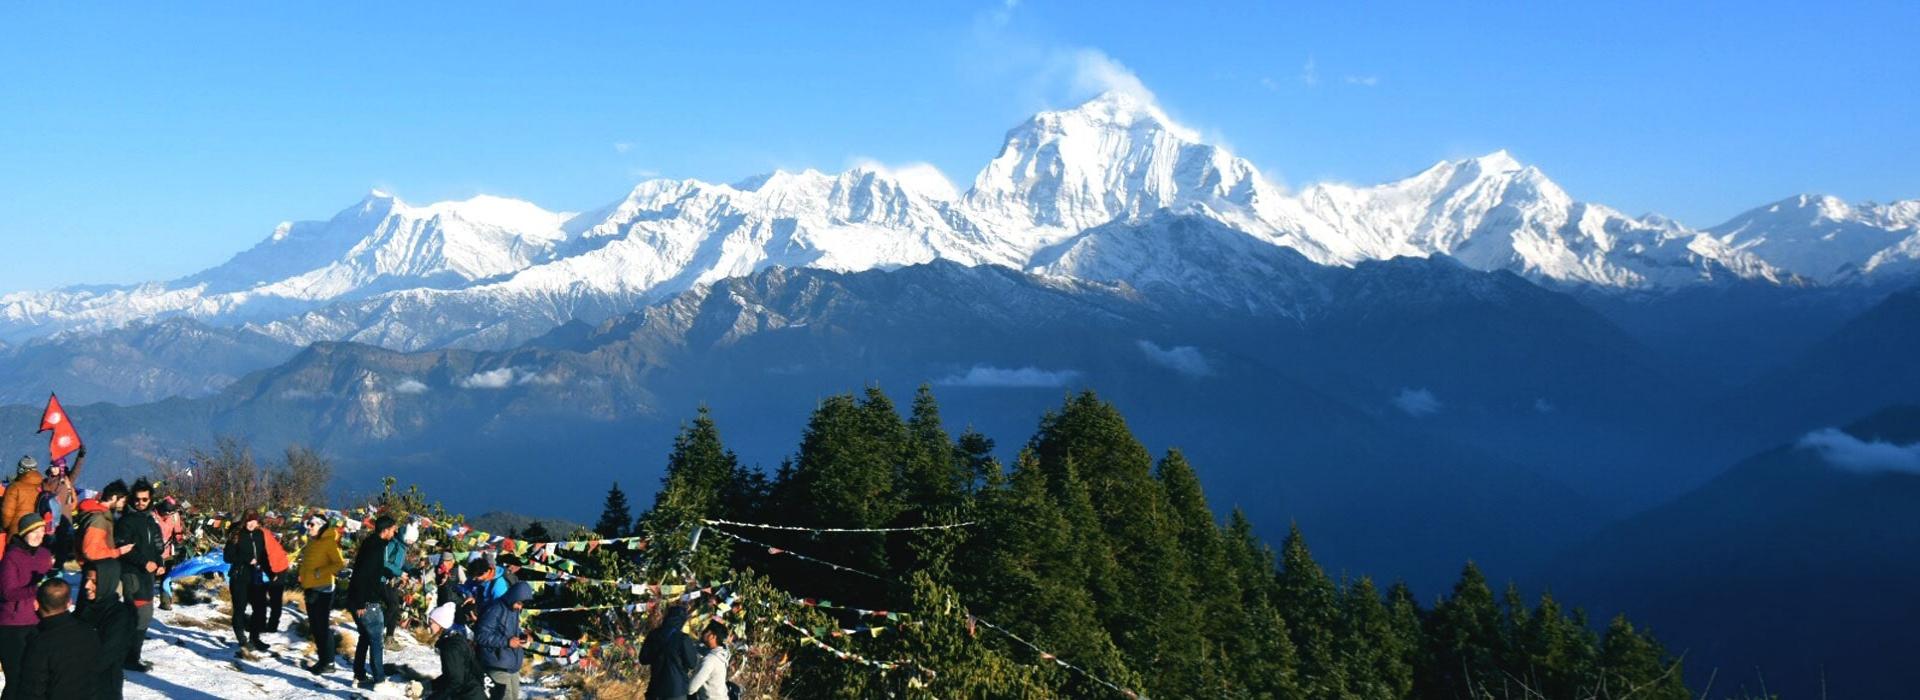 Poonhill Trek in Nepal